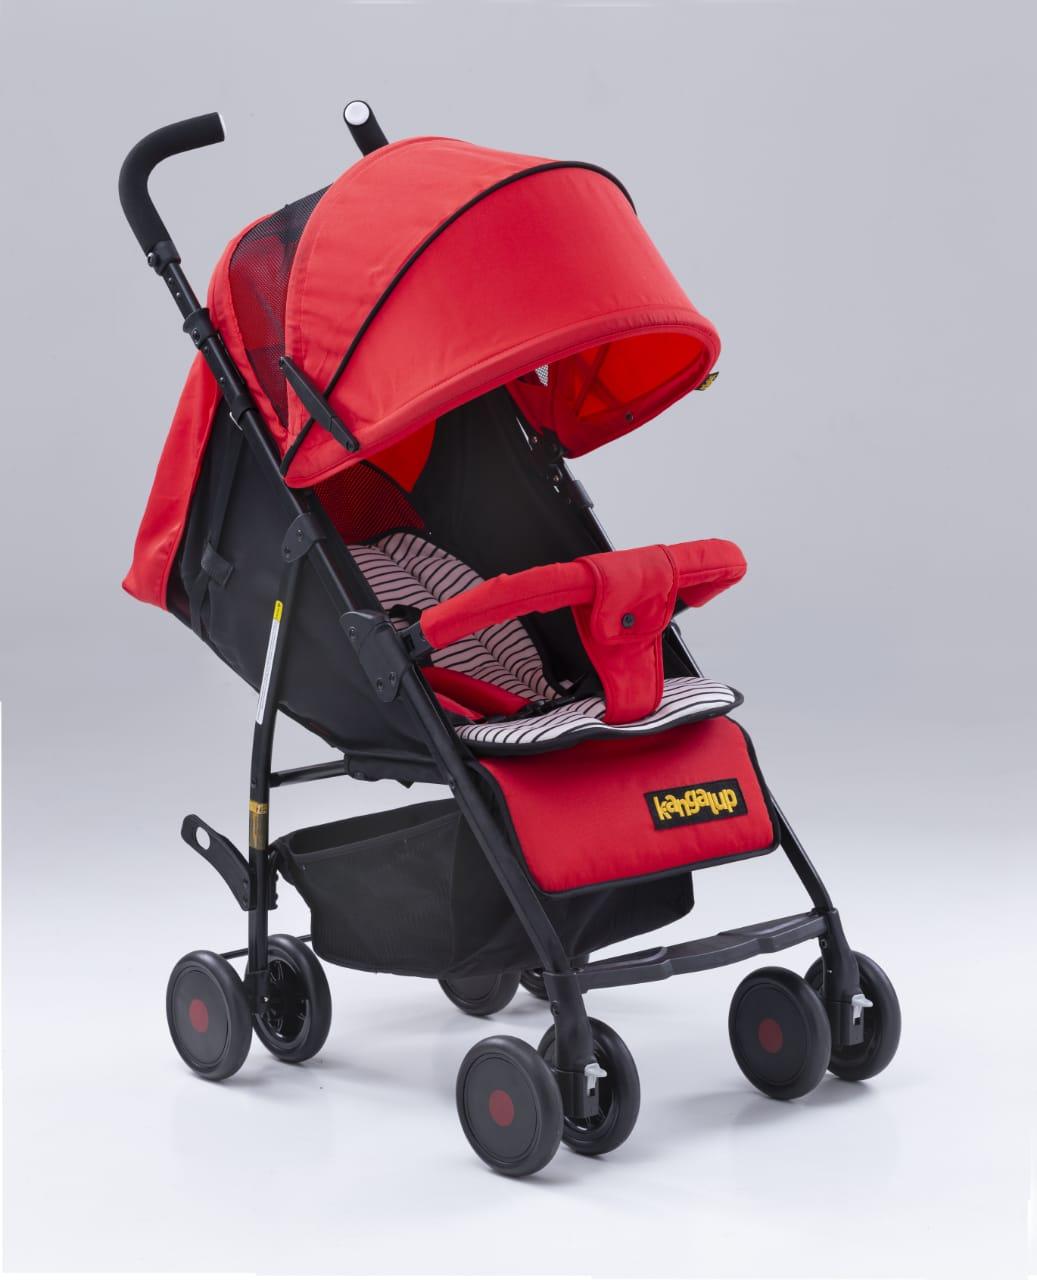 Carrinho de Bebê GO - Kangalup